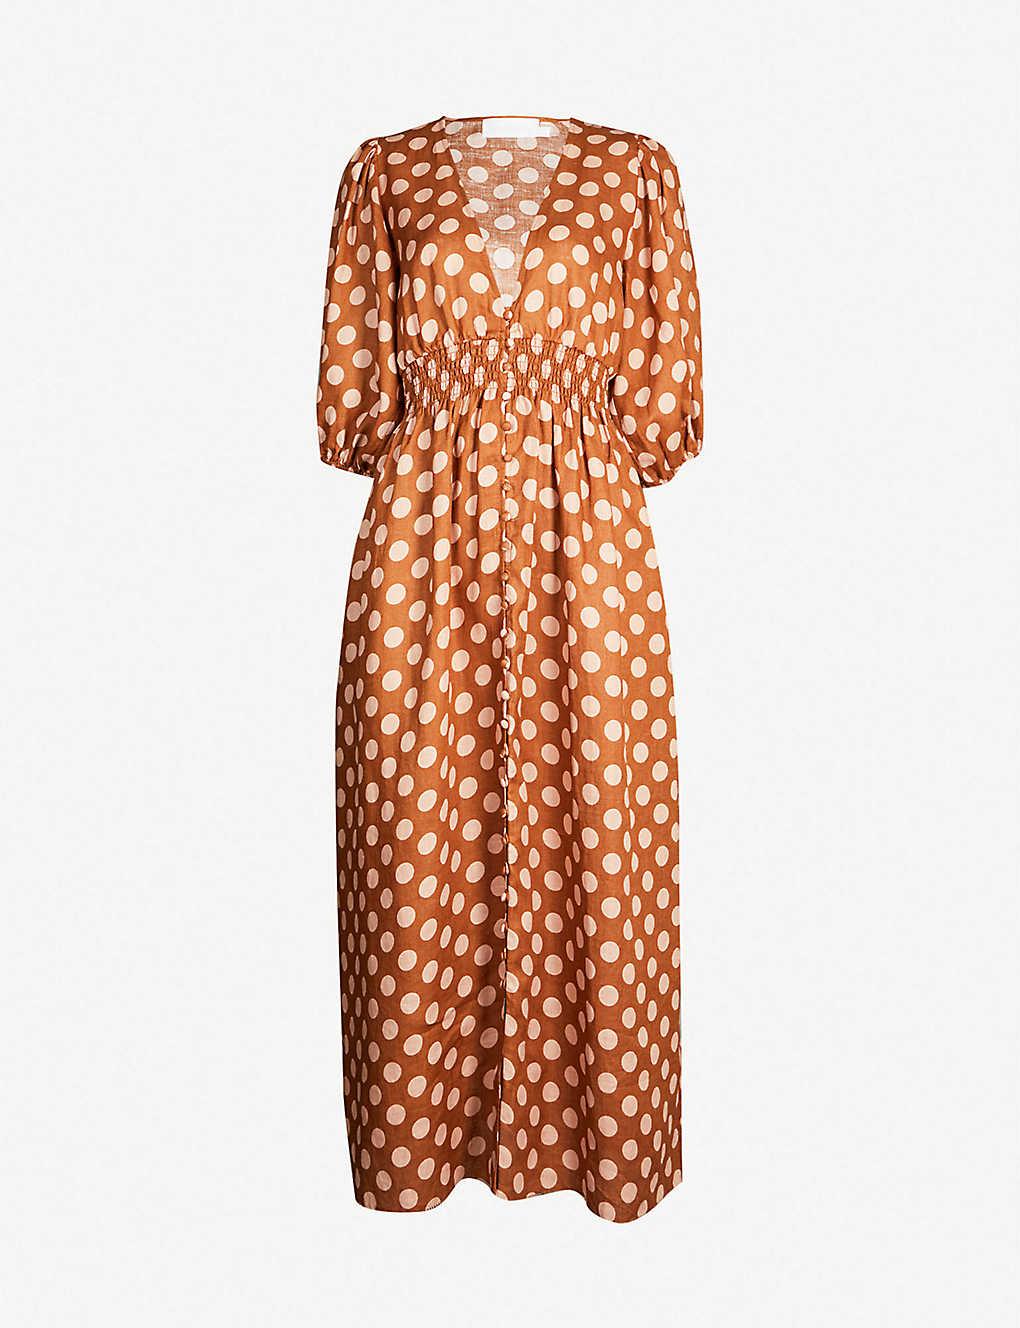 a0211753a7b7 ZIMMERMANN - Primrose polka dot linen dress | Selfridges.com